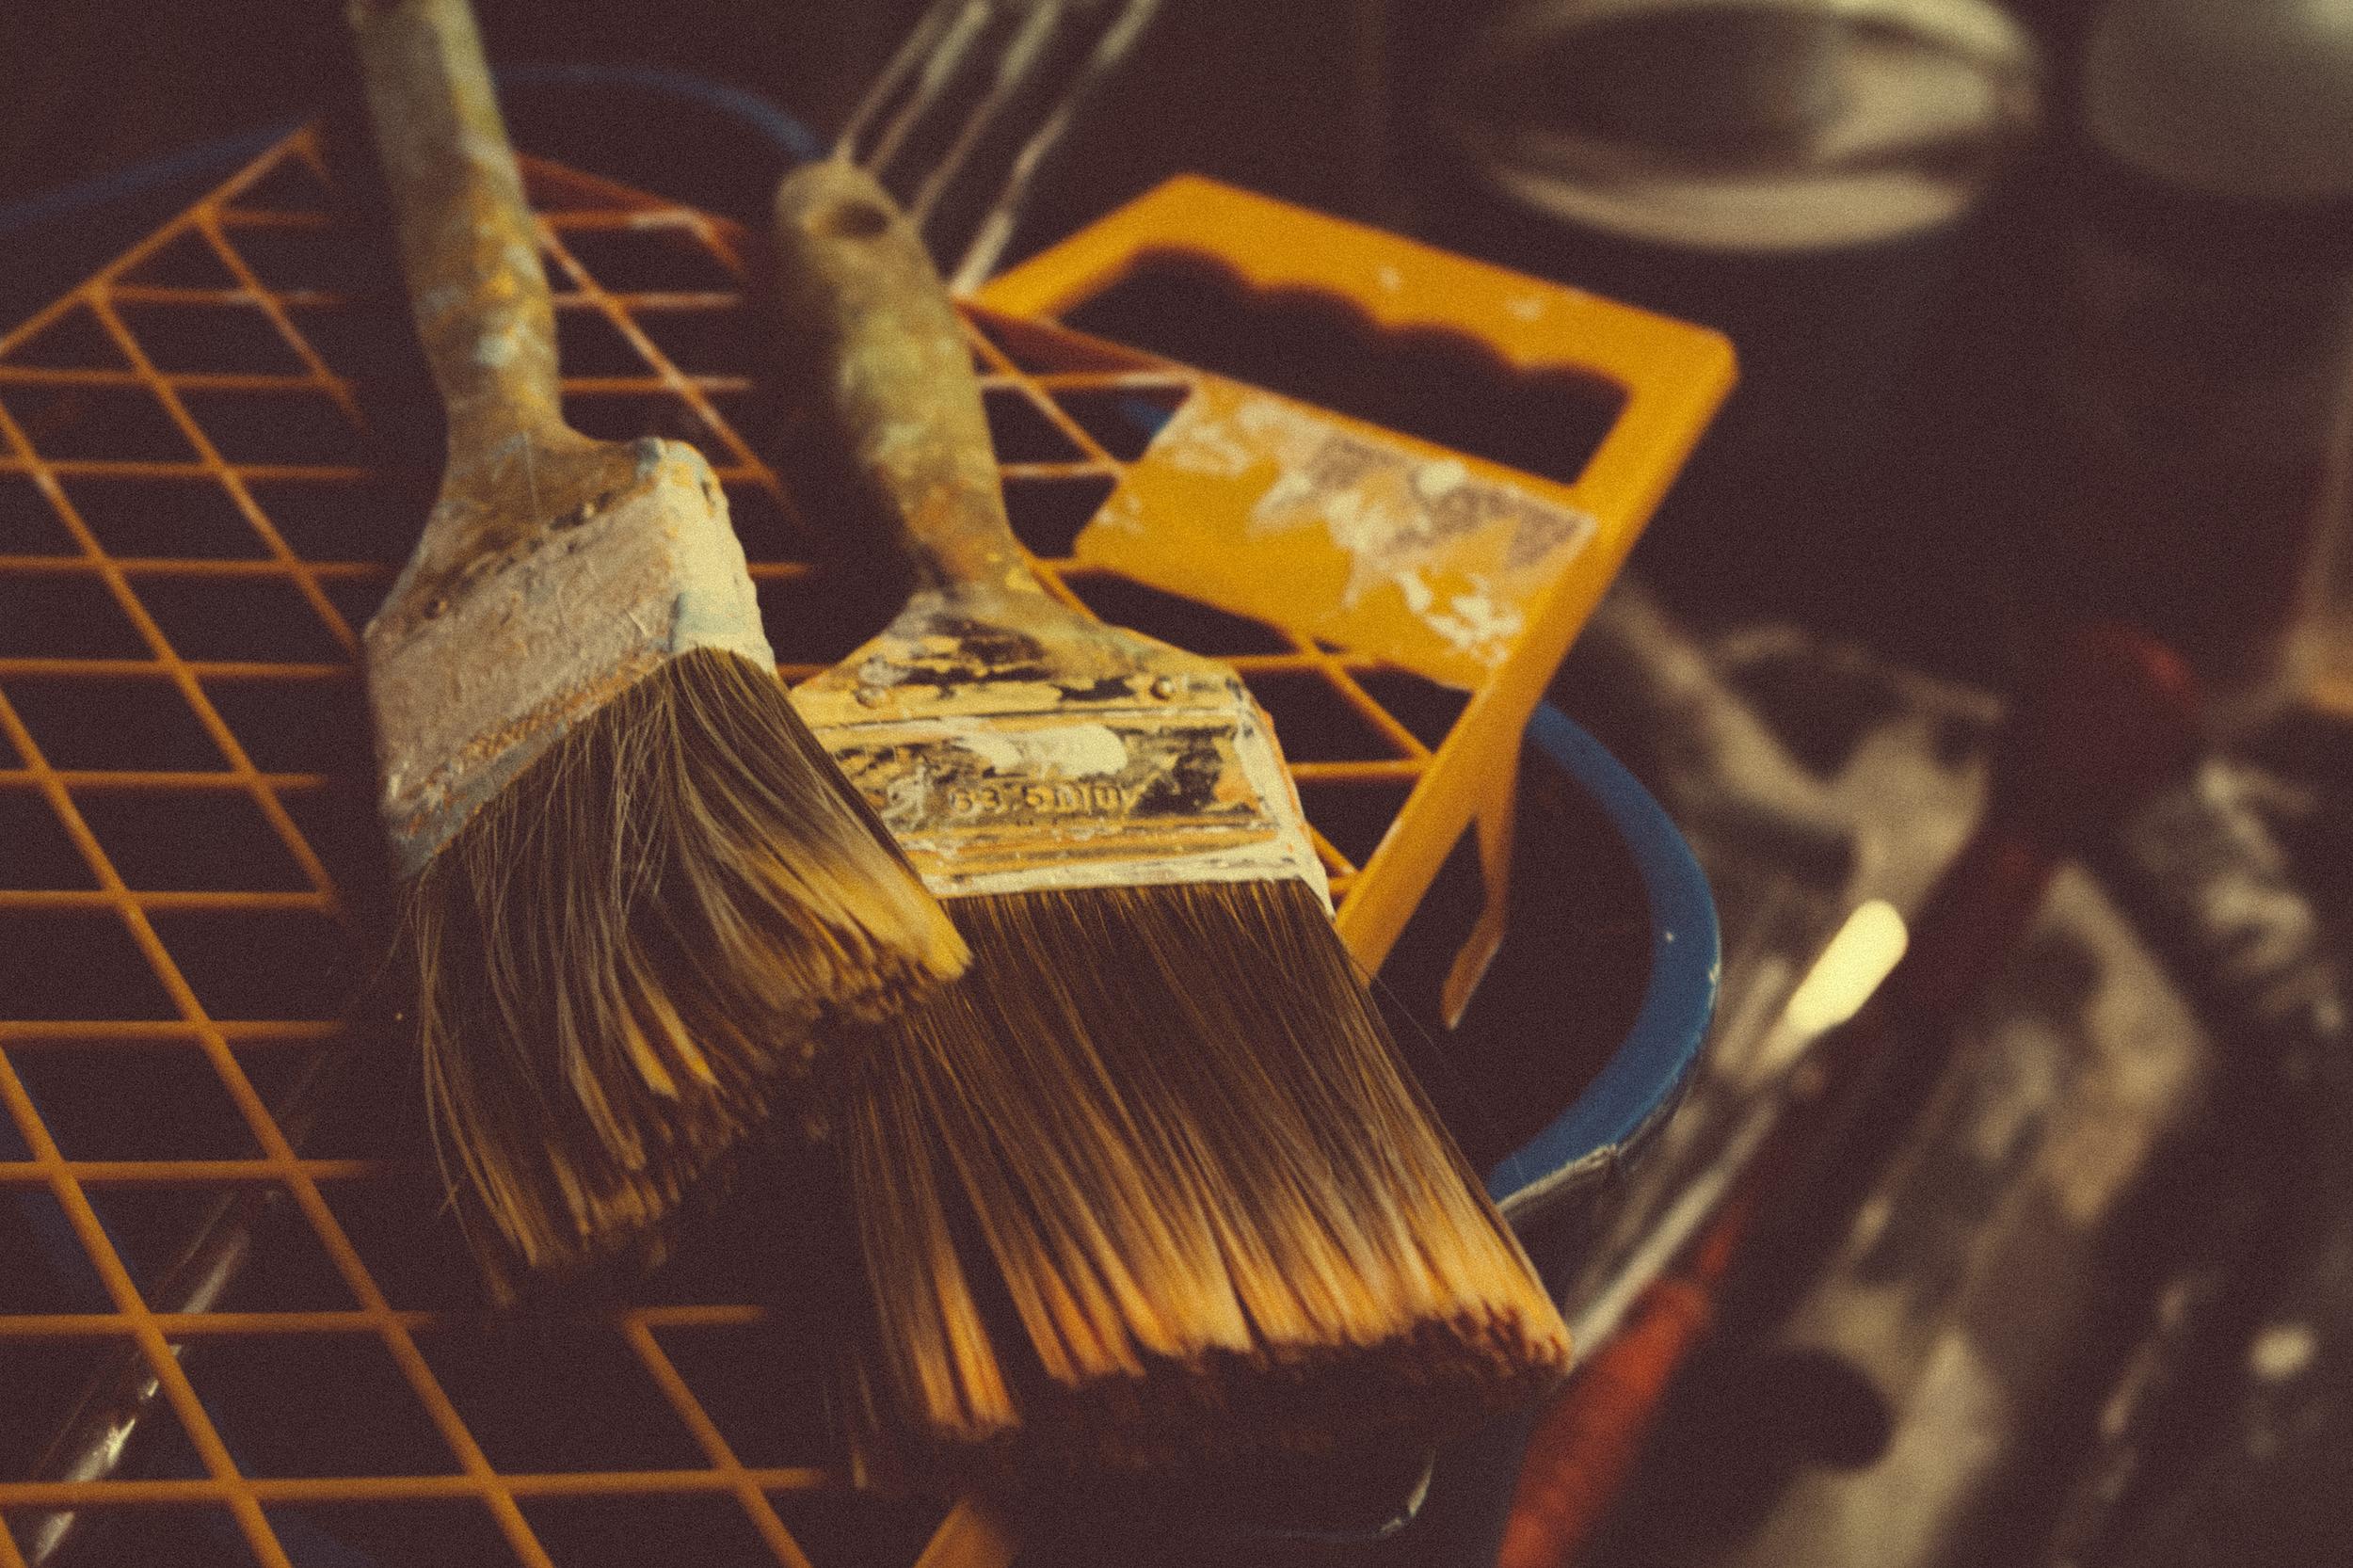 brush-painting-paint-brushes-8133.jpg